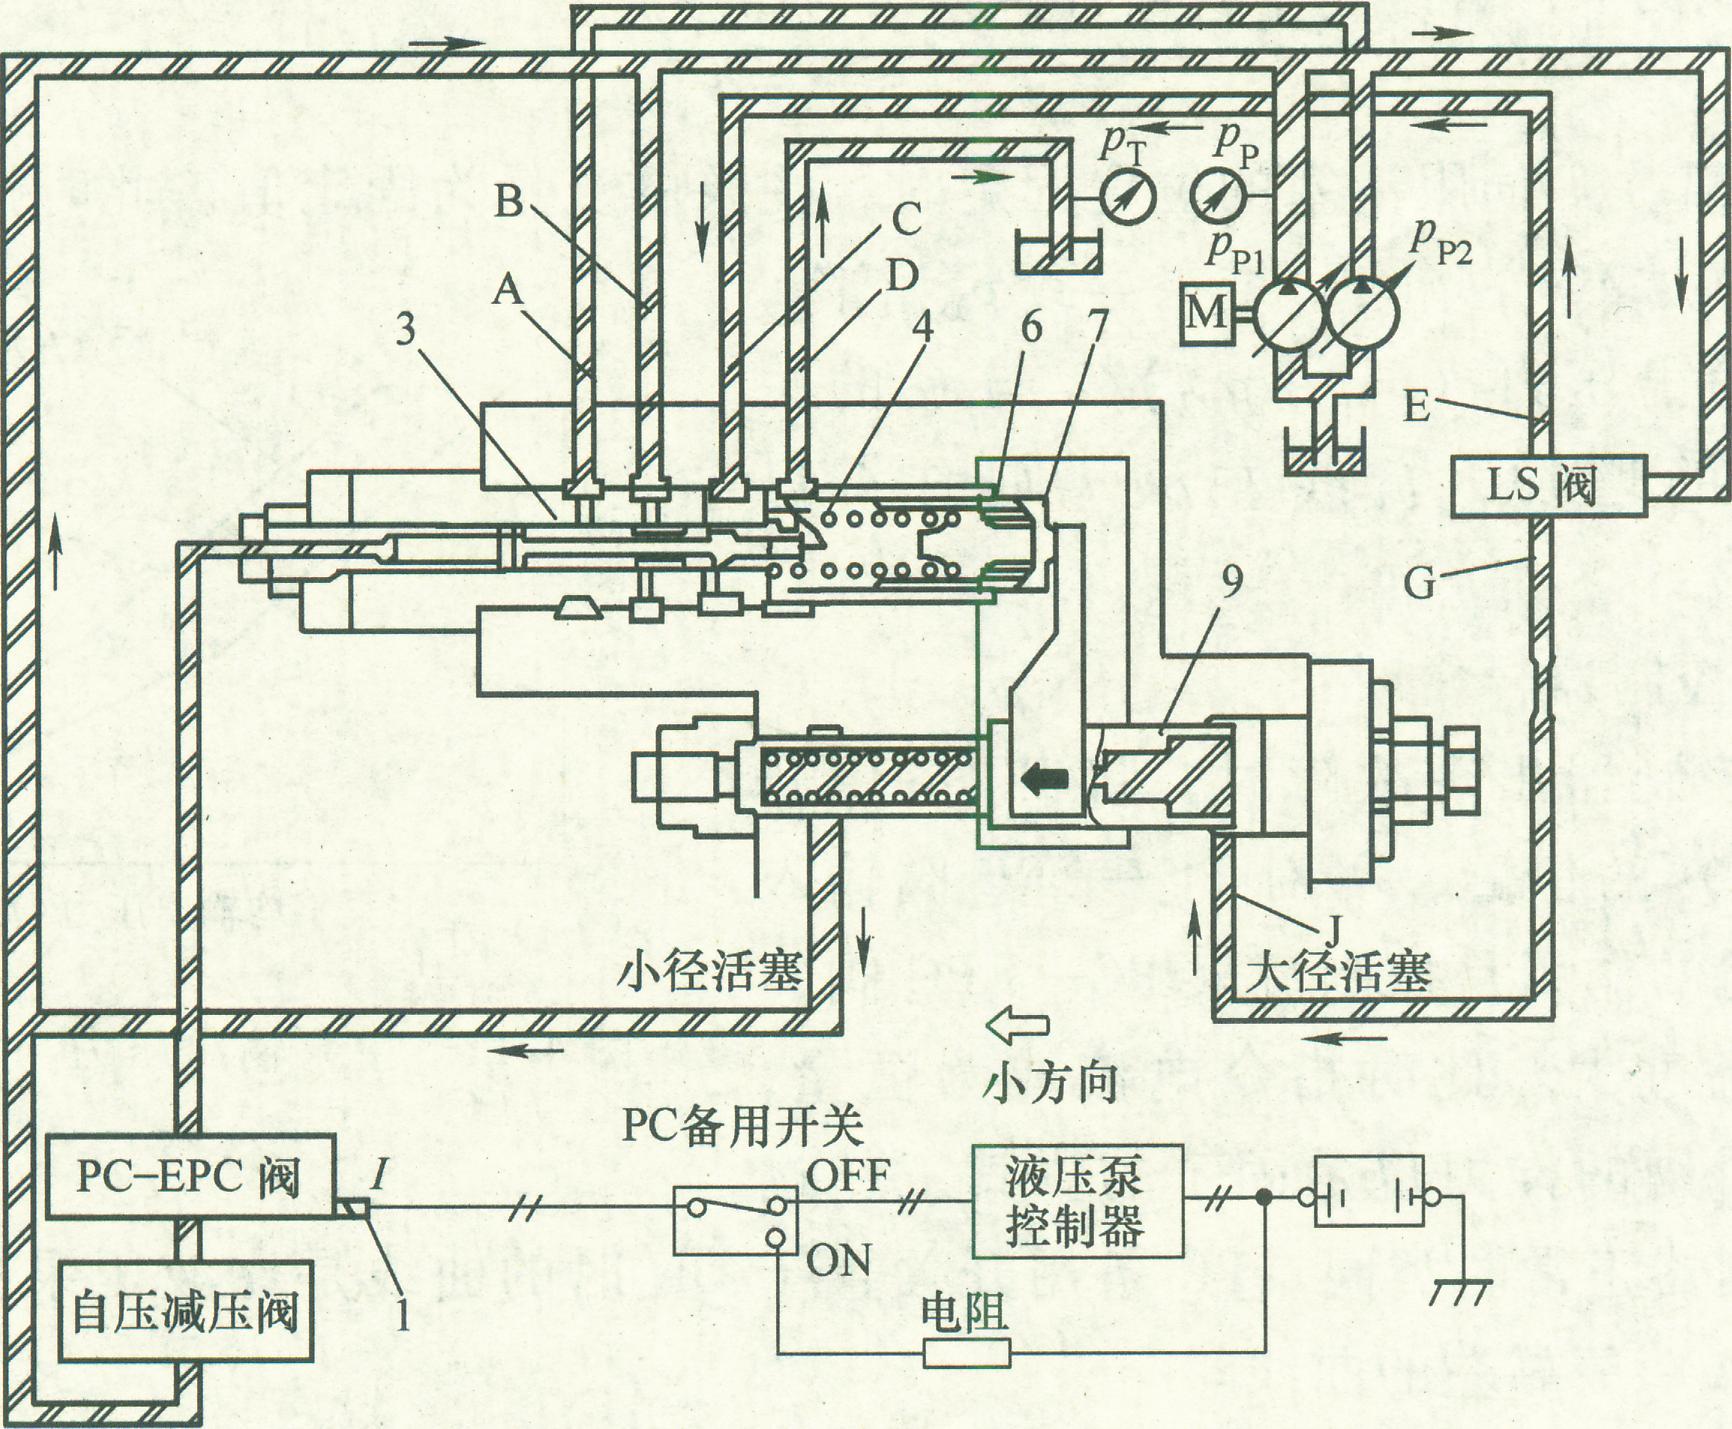 小松挖掘机液压系统pc阀的工作原理